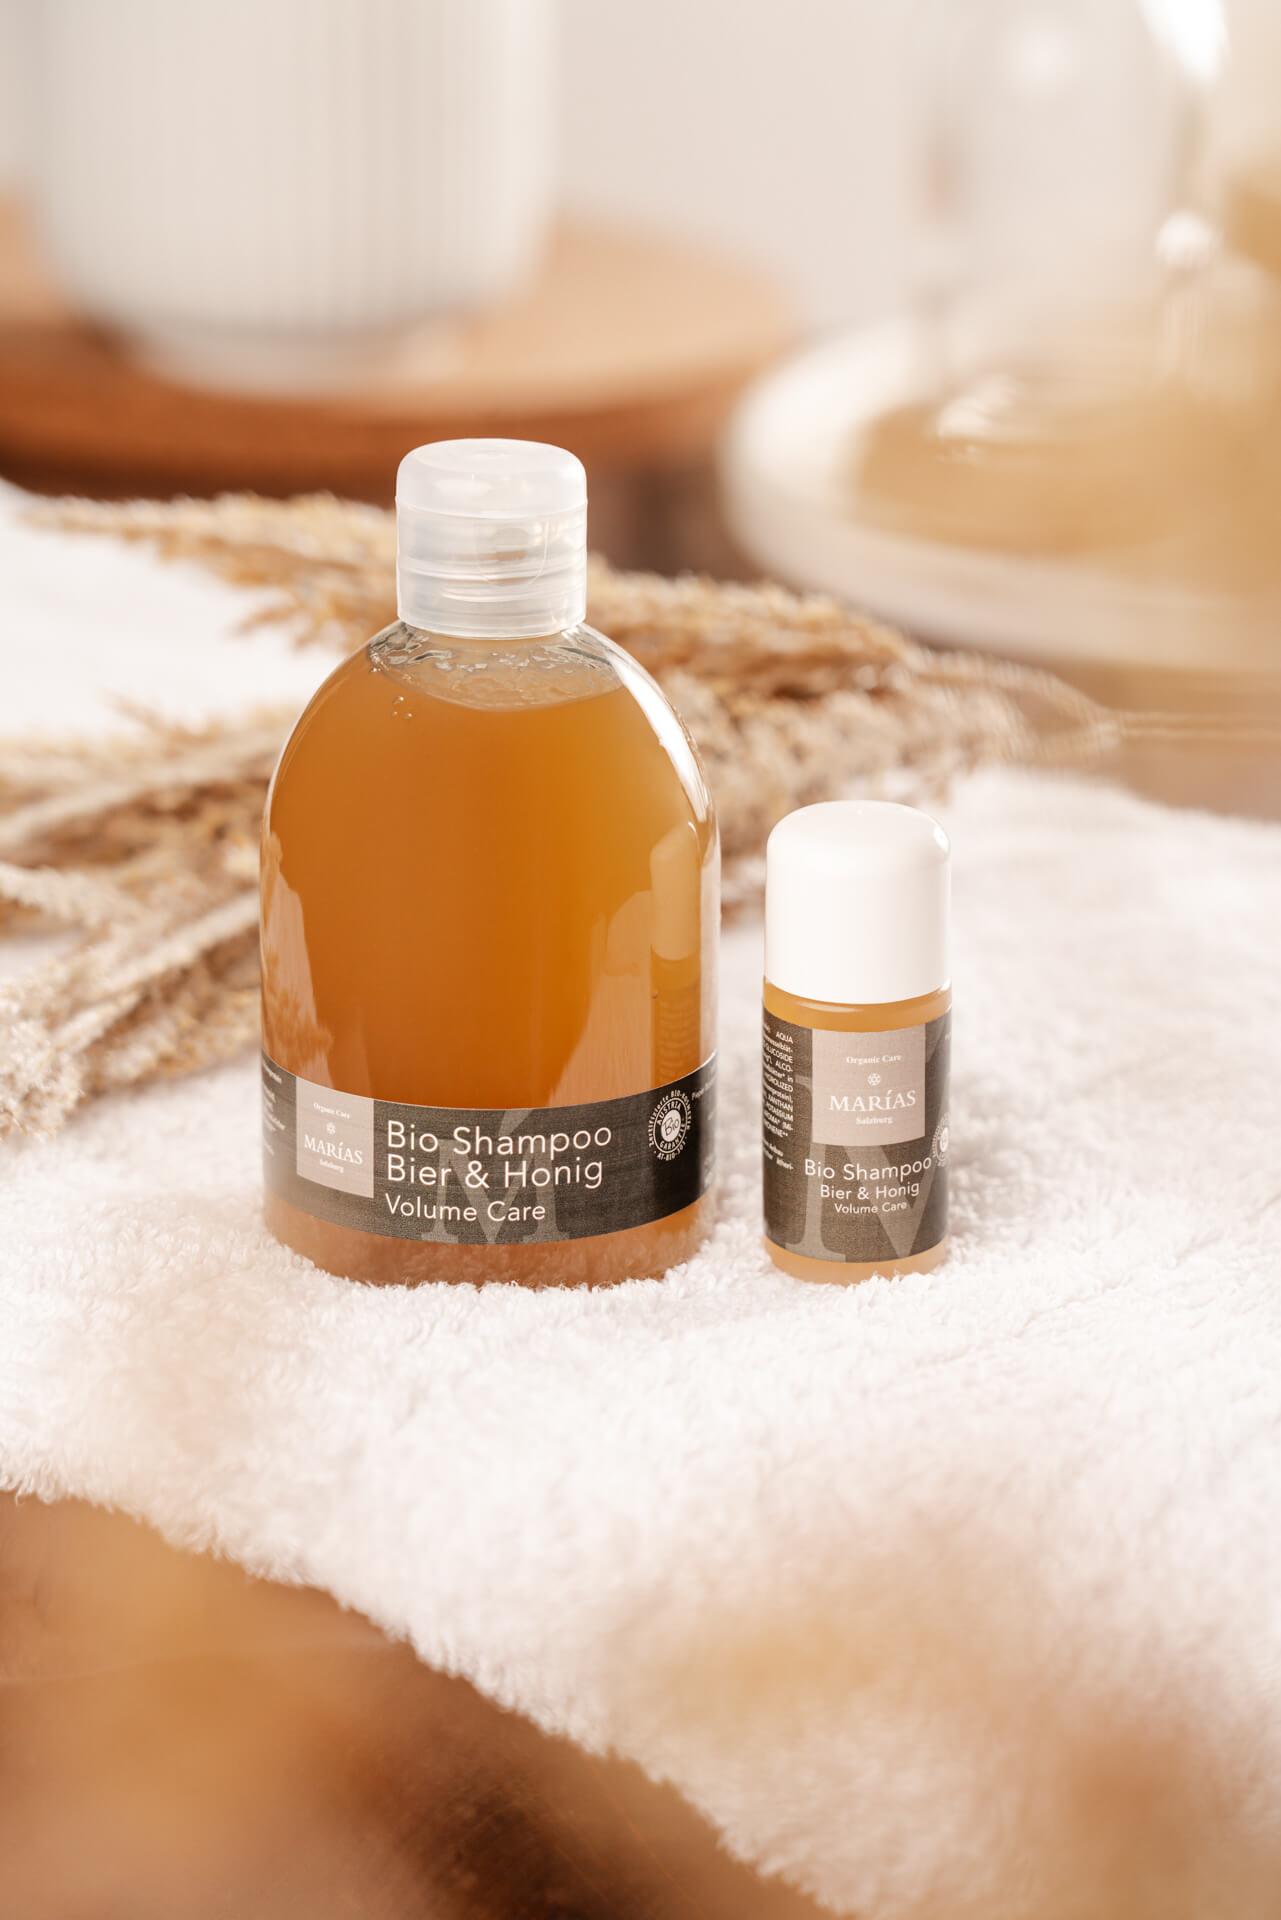 Marias-Bio Shampoo Bier und Honig | Konzept H